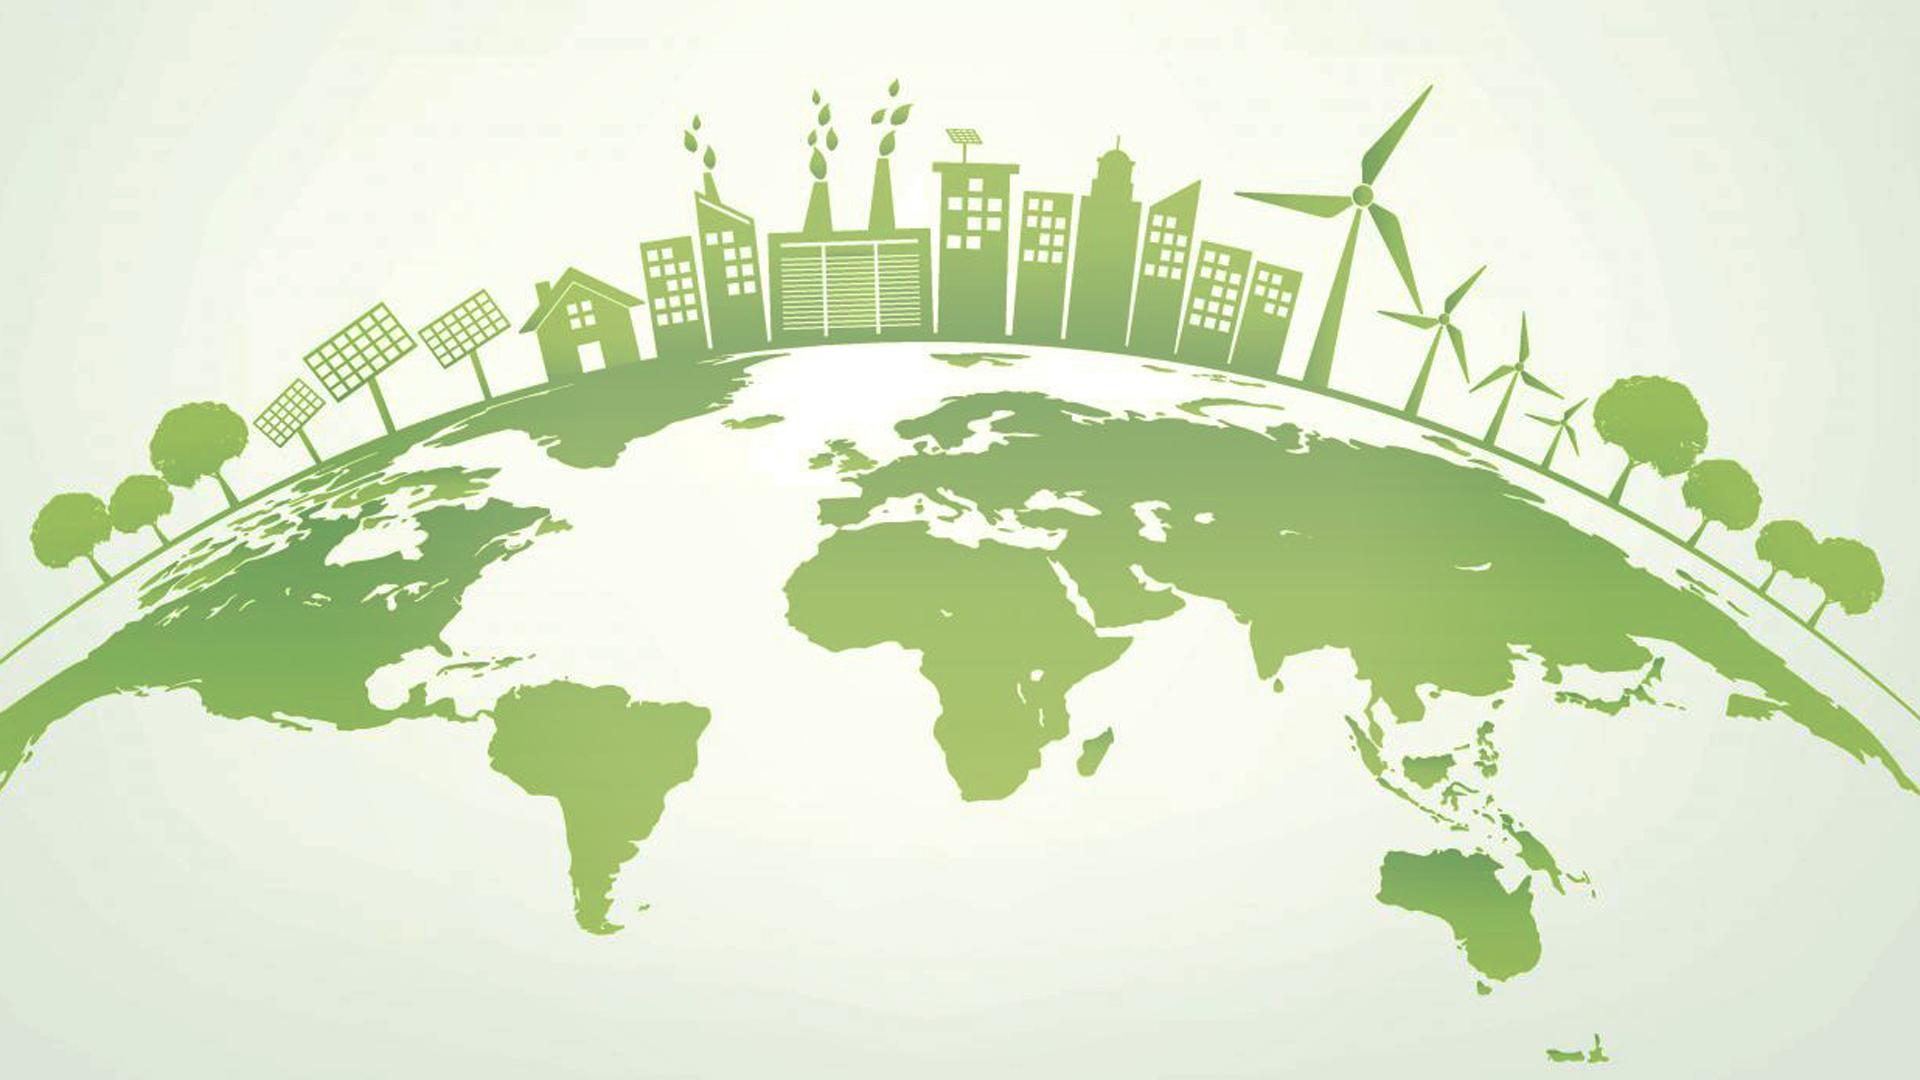 El 'Middle Market' y su valor para hacer de la sostenibilidad un activo tangible